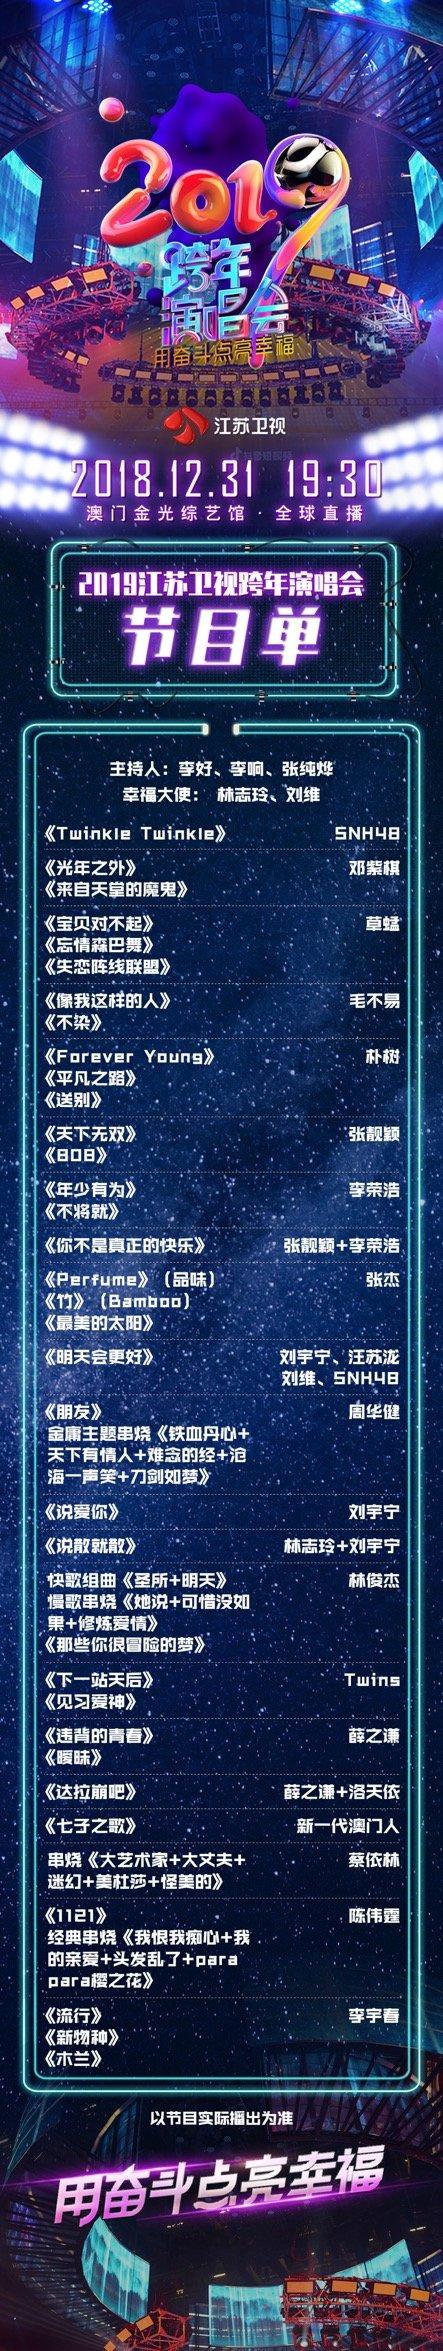 江苏卫视2019跨年演唱会节目单(官方版)